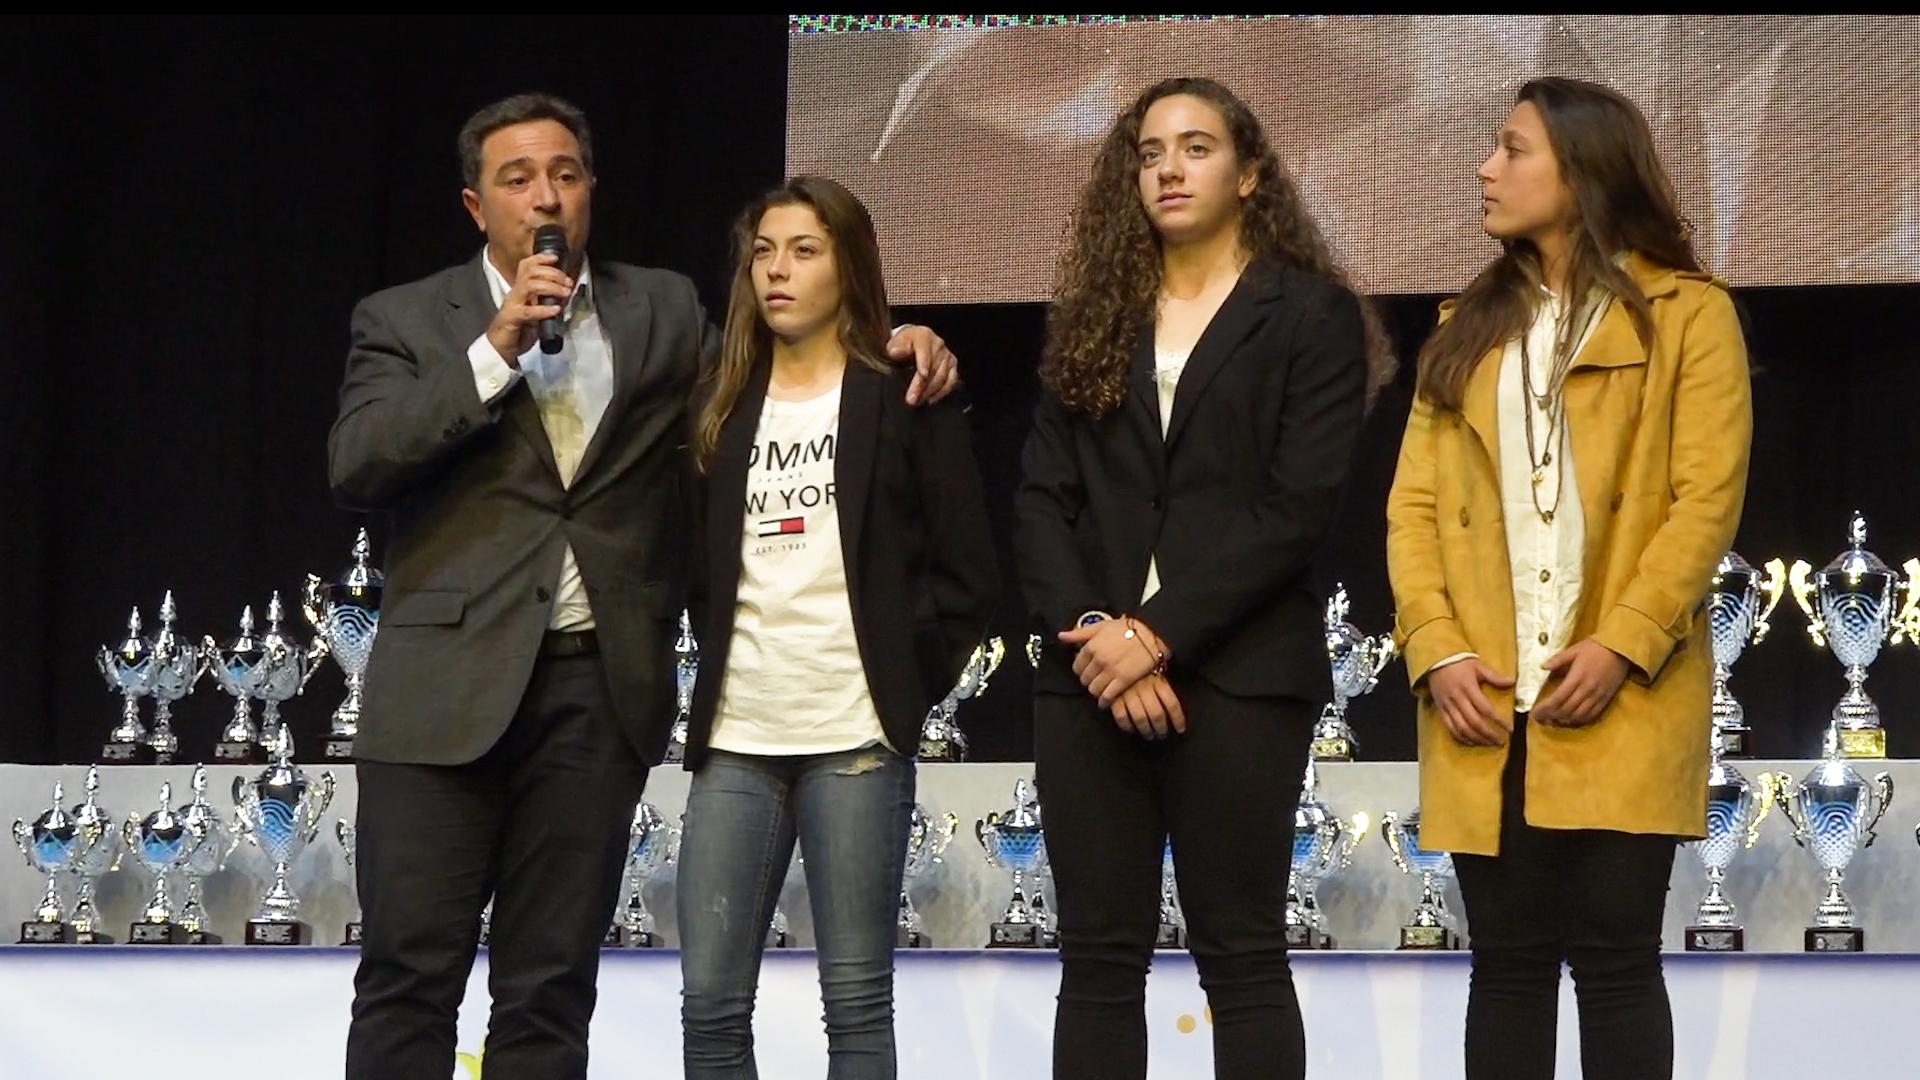 Salva Gomar, Asun Martínez, Lucía Palomares y Andrea Cerdá en Gala Premios Alicante FFCV 2019